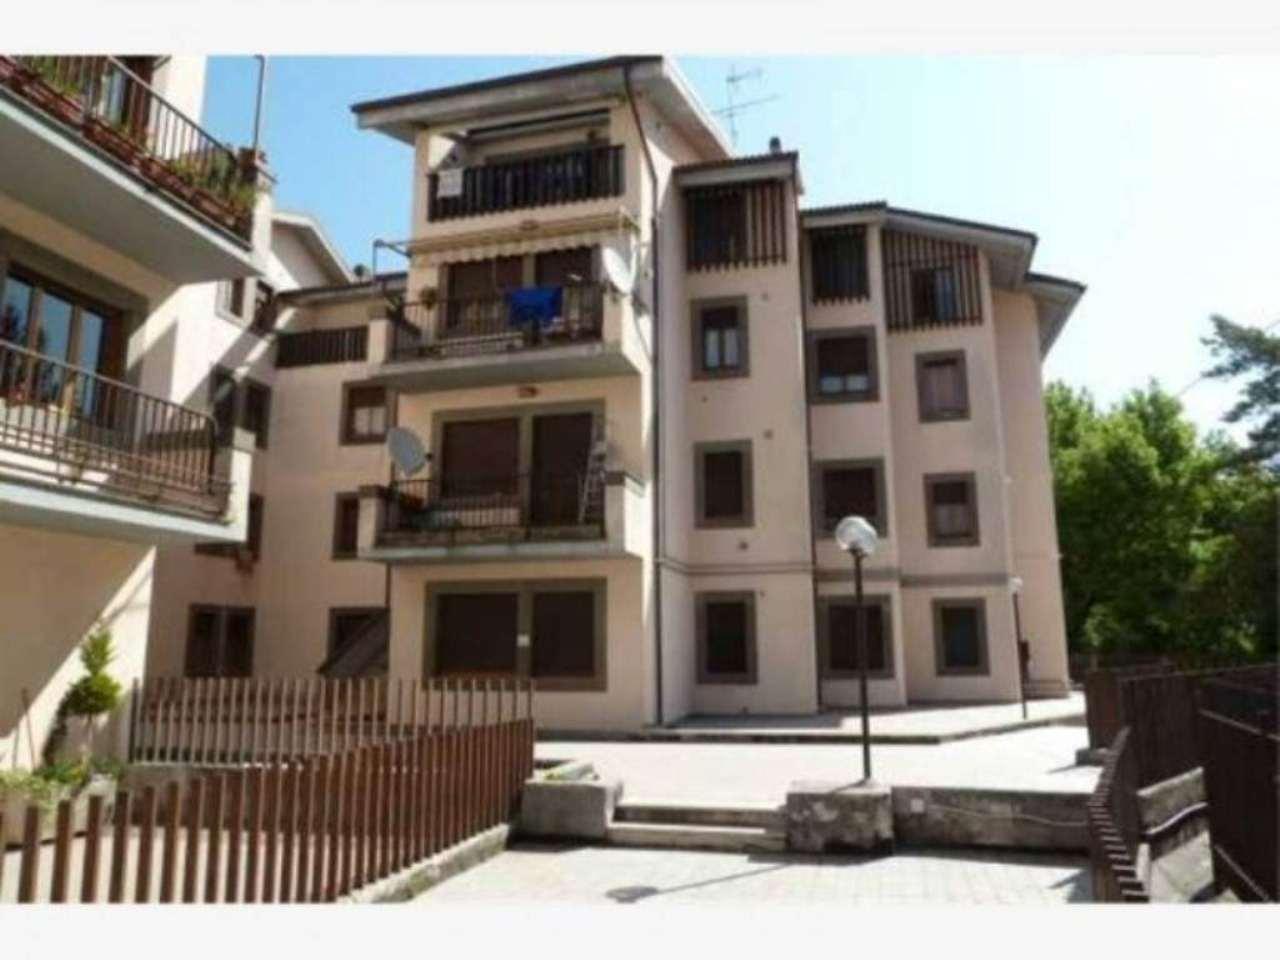 Bilocale Carsoli Via Circonvallazione Turano 4